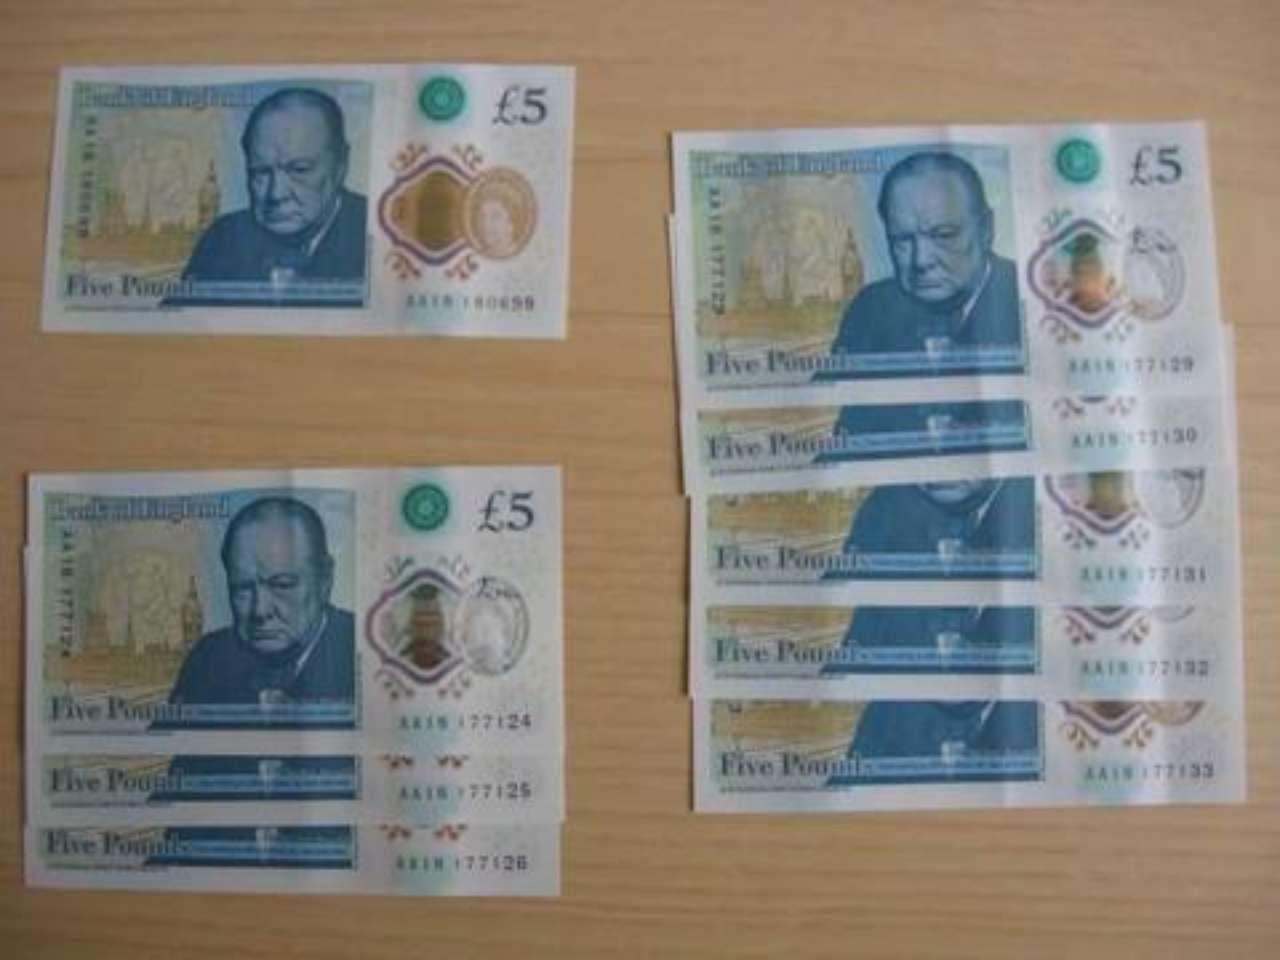 Vecchie monete inglesi: ecco quali valgono una fortuna